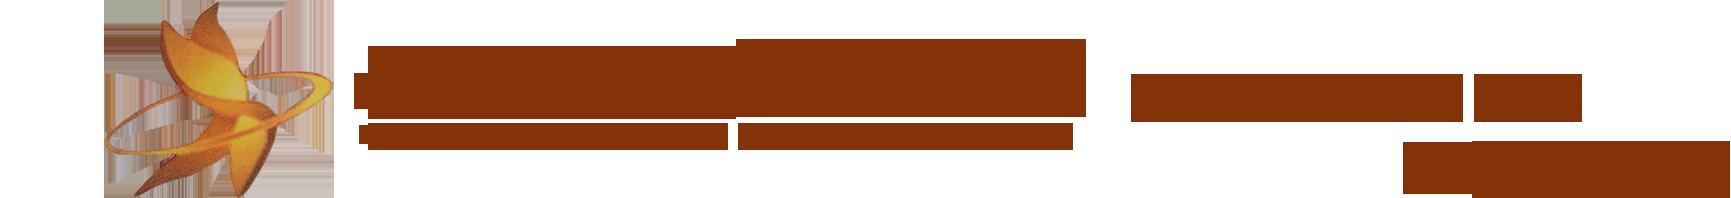 兰州ag平台客户端游戏大厅机电有限公司